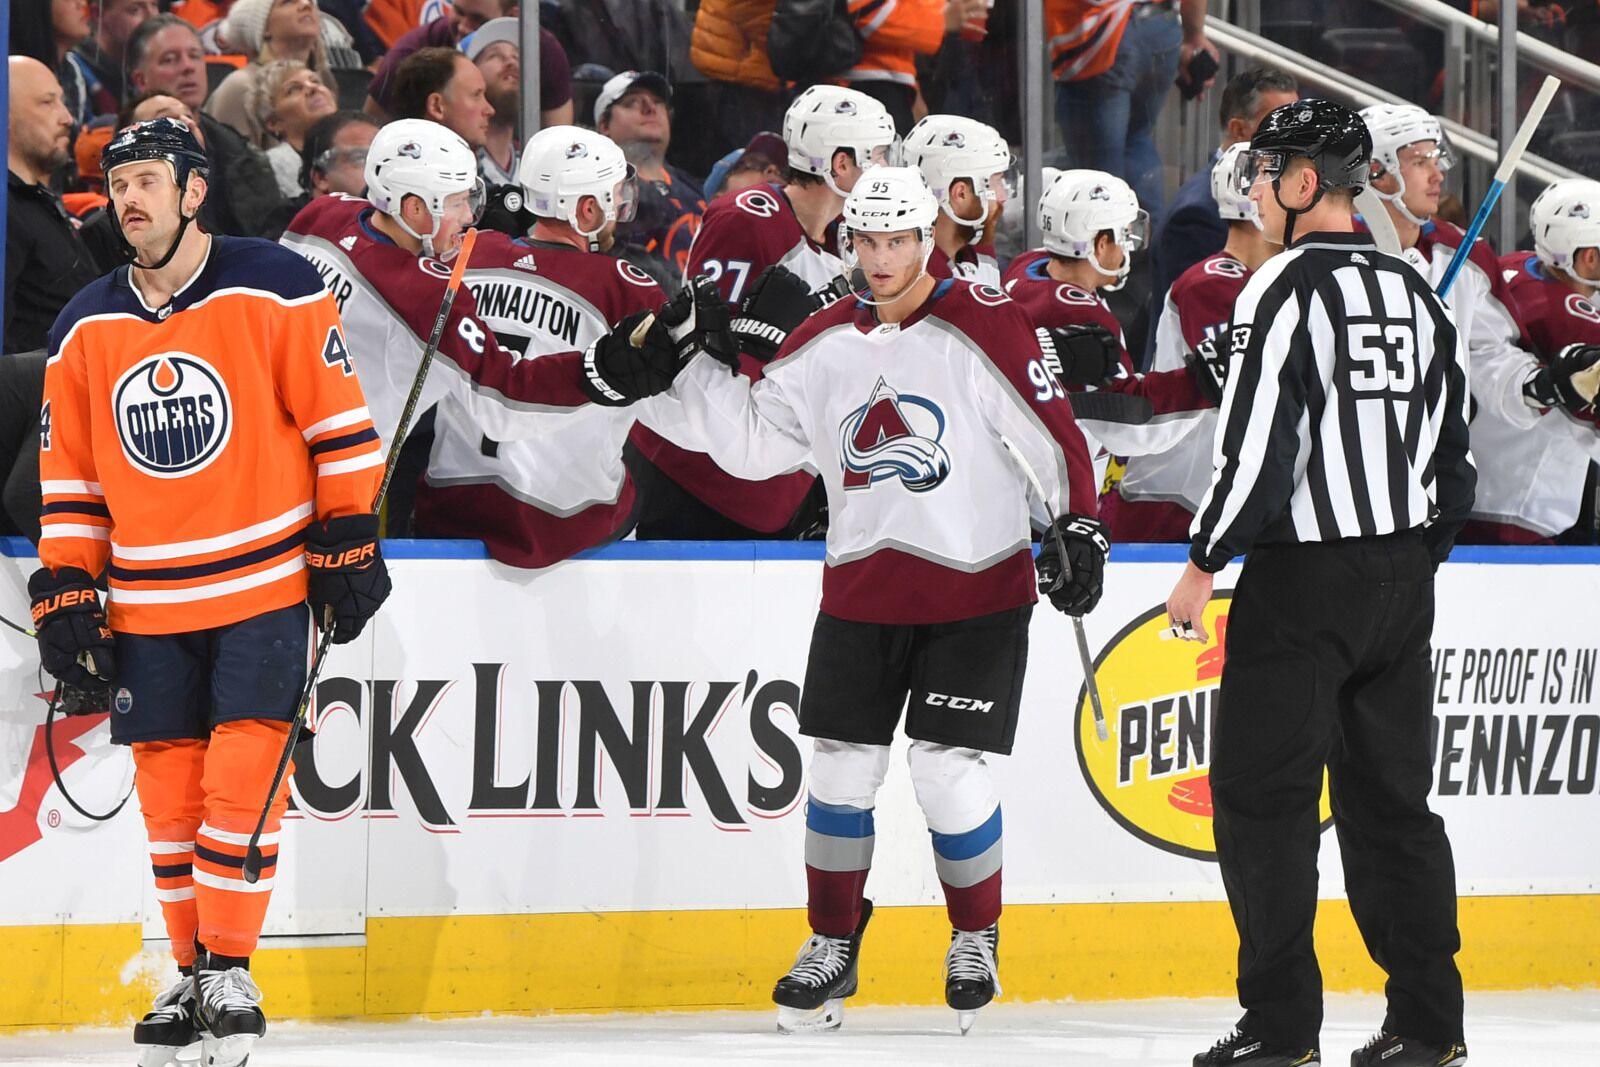 Colorado Avalanche: Andre Burakovsky Scores Twice in Loss